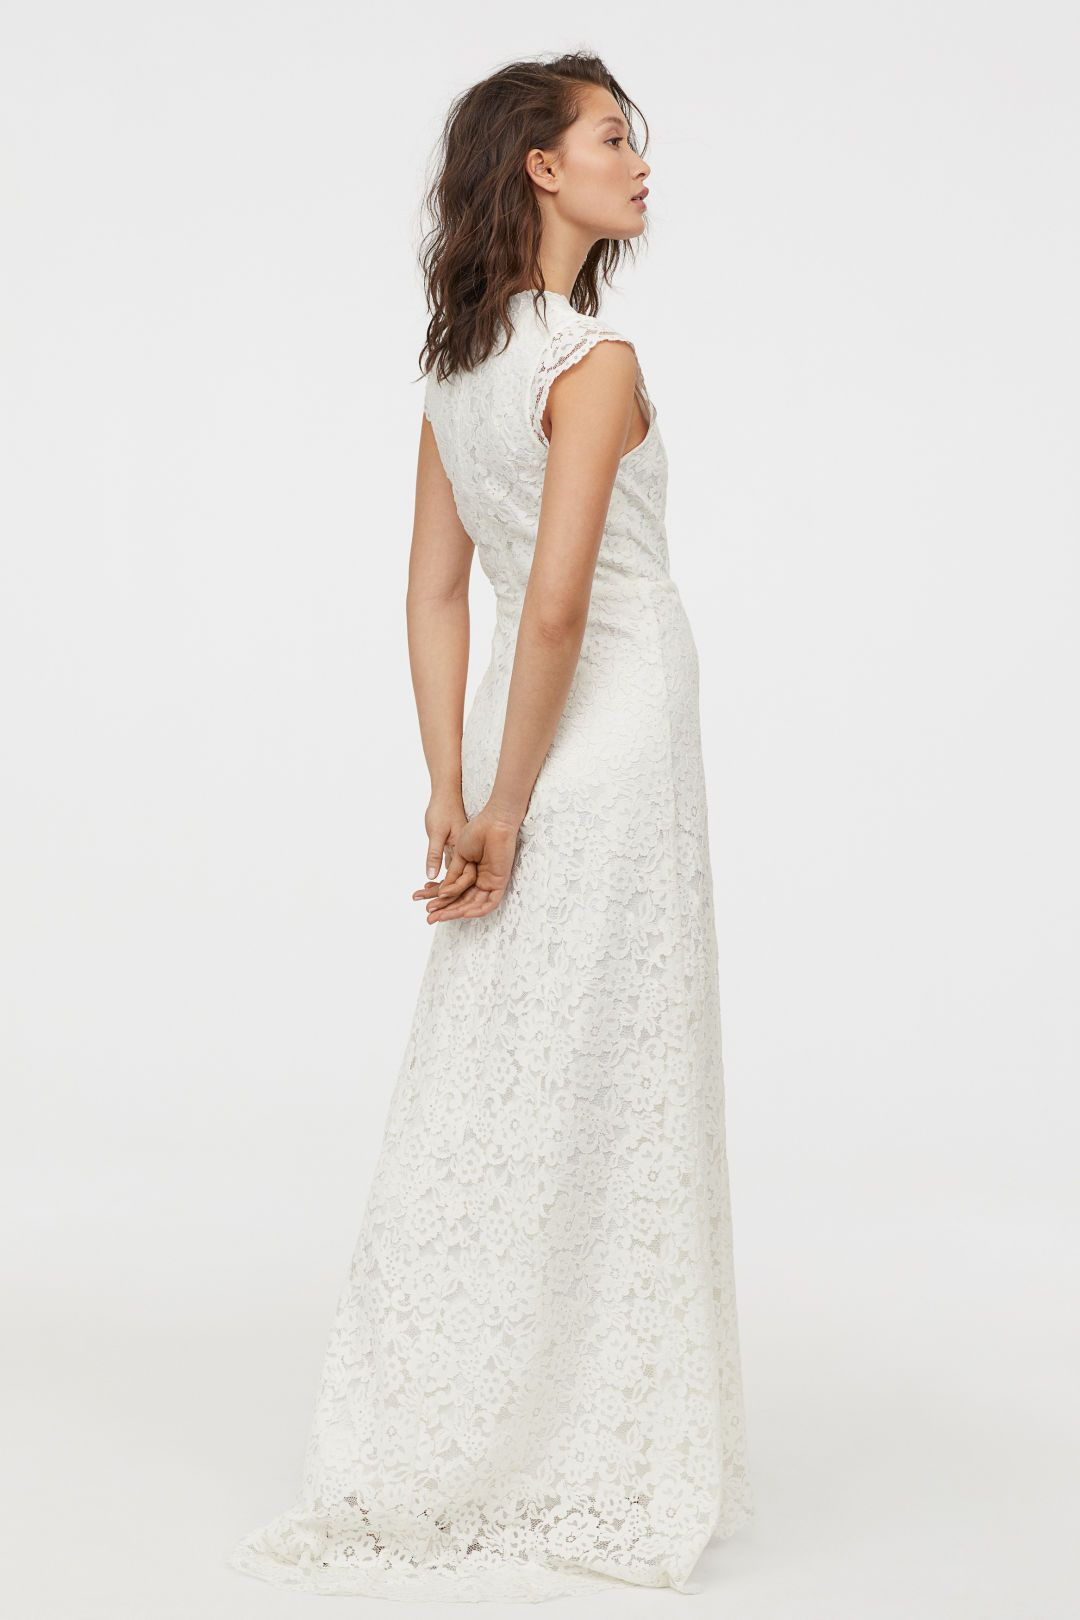 Hochzeitskleid Aus Spitze  Hochzeitskleid Kleid Hochzeit